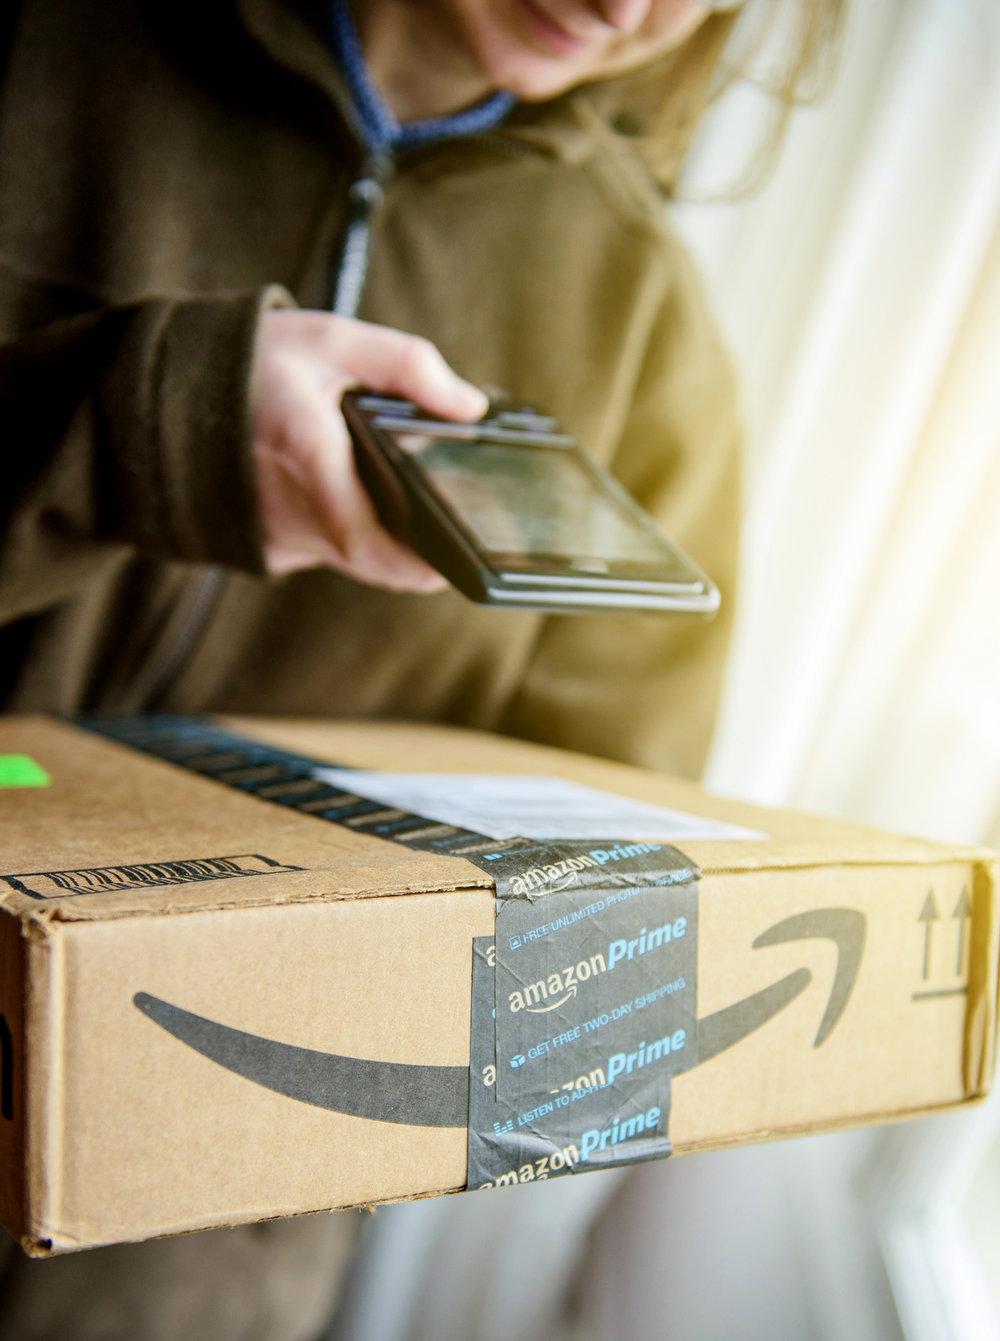 Amazon+Prime.jpg